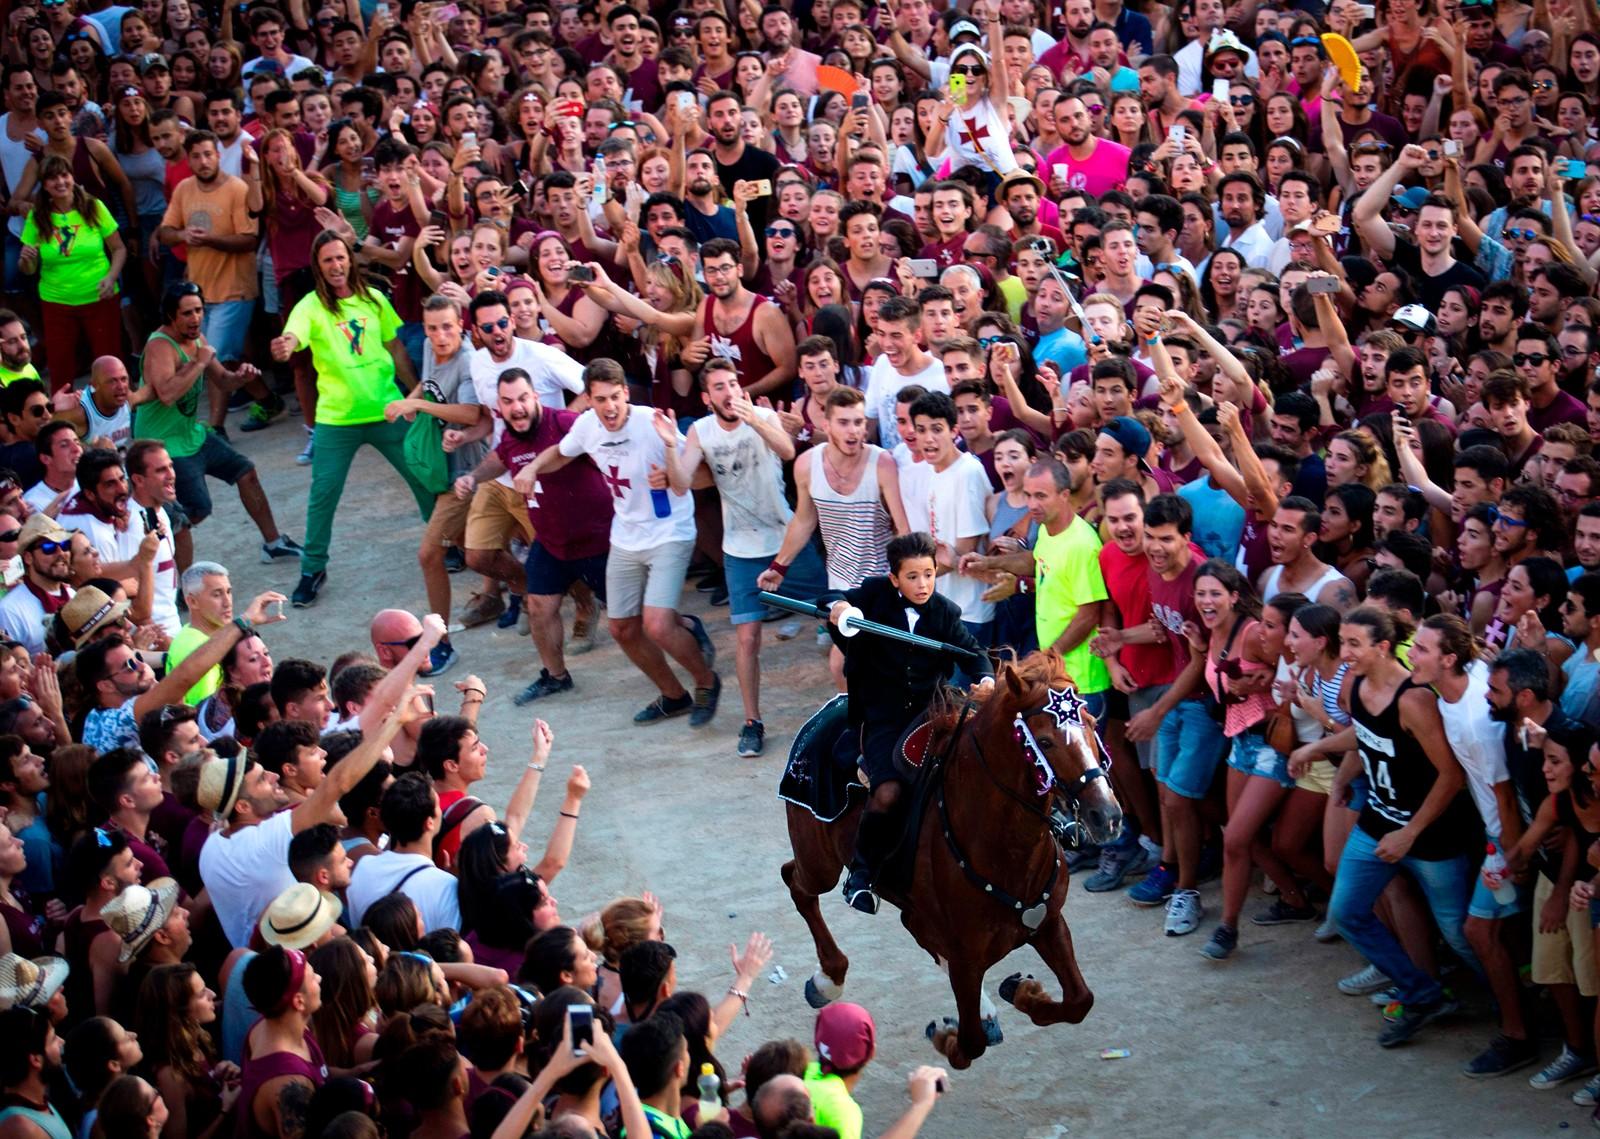 En gutt med lanse jubles for under San Juan-festivalen i byen Ciutadella på den spanske øya Menorca. Hester er viktige i feiringen av helgenen Johannes. Det er også den eksplosive drikken pomada, som er en blanding av den lokale ginen Mahon og lemonade.